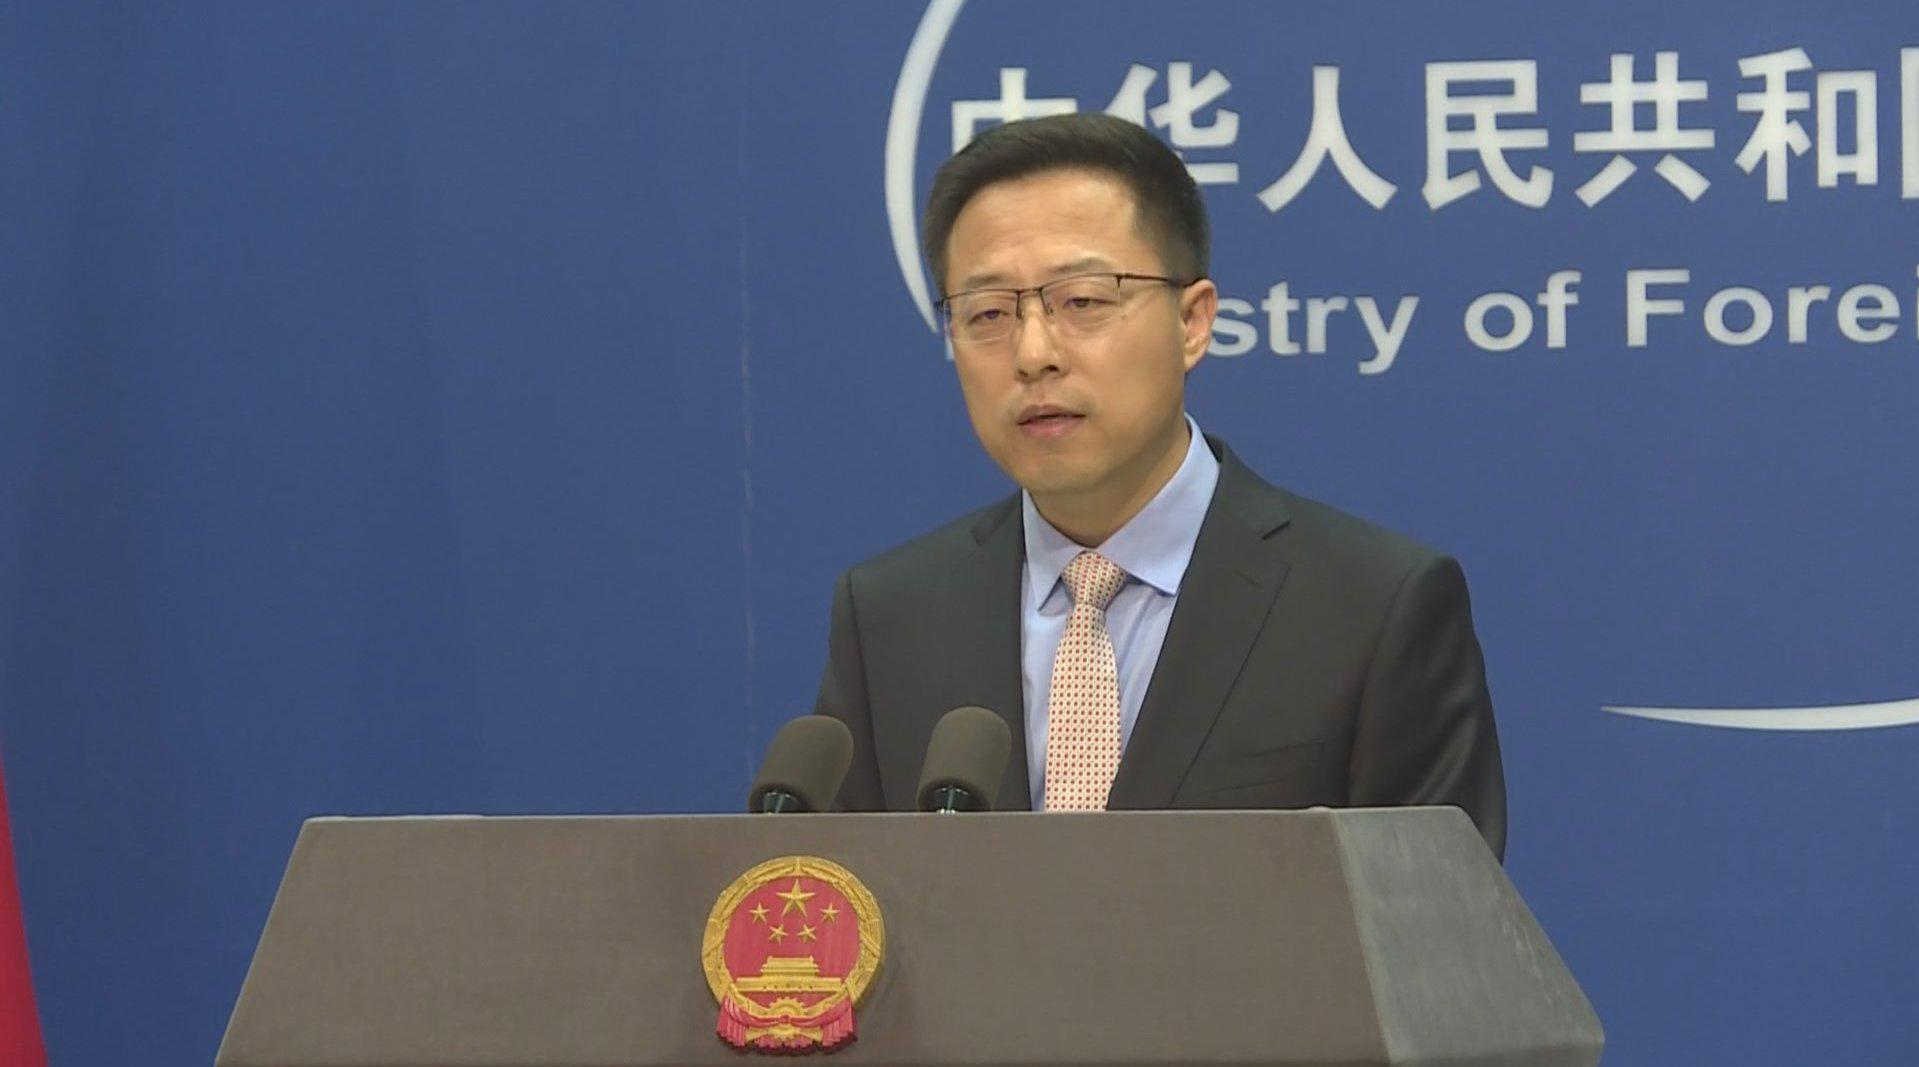 外交部发言人答深圳卫视记者问:蓬佩奥不必枉费心机